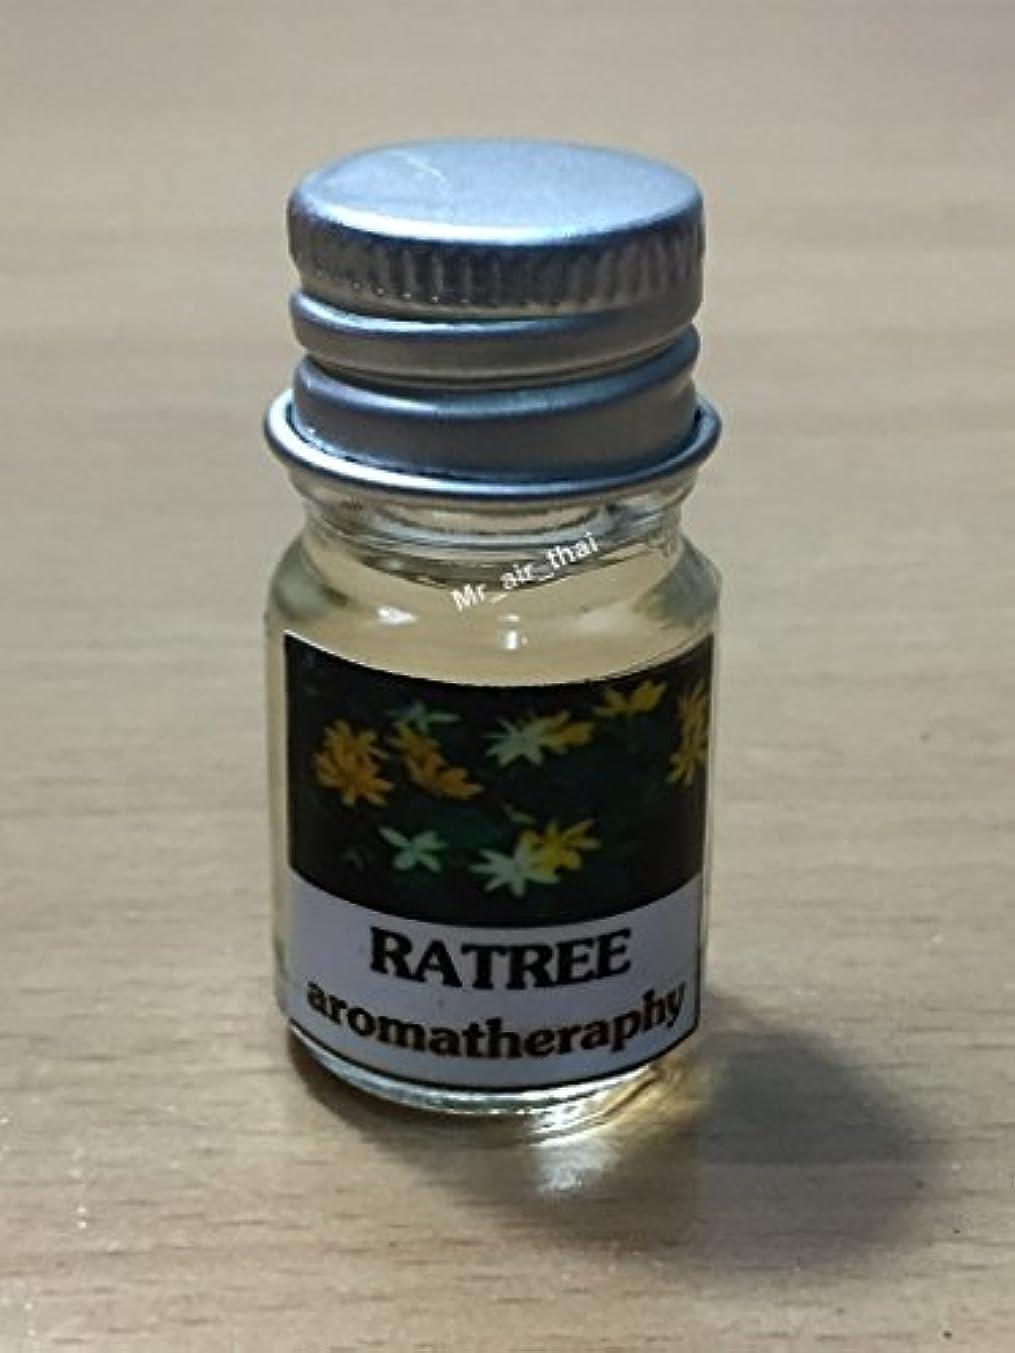 軽蔑する適応競争5ミリリットルアロマRatreeフランクインセンスエッセンシャルオイルボトルアロマテラピーオイル自然自然5ml Aroma Ratree Frankincense Essential Oil Bottles Aromatherapy...